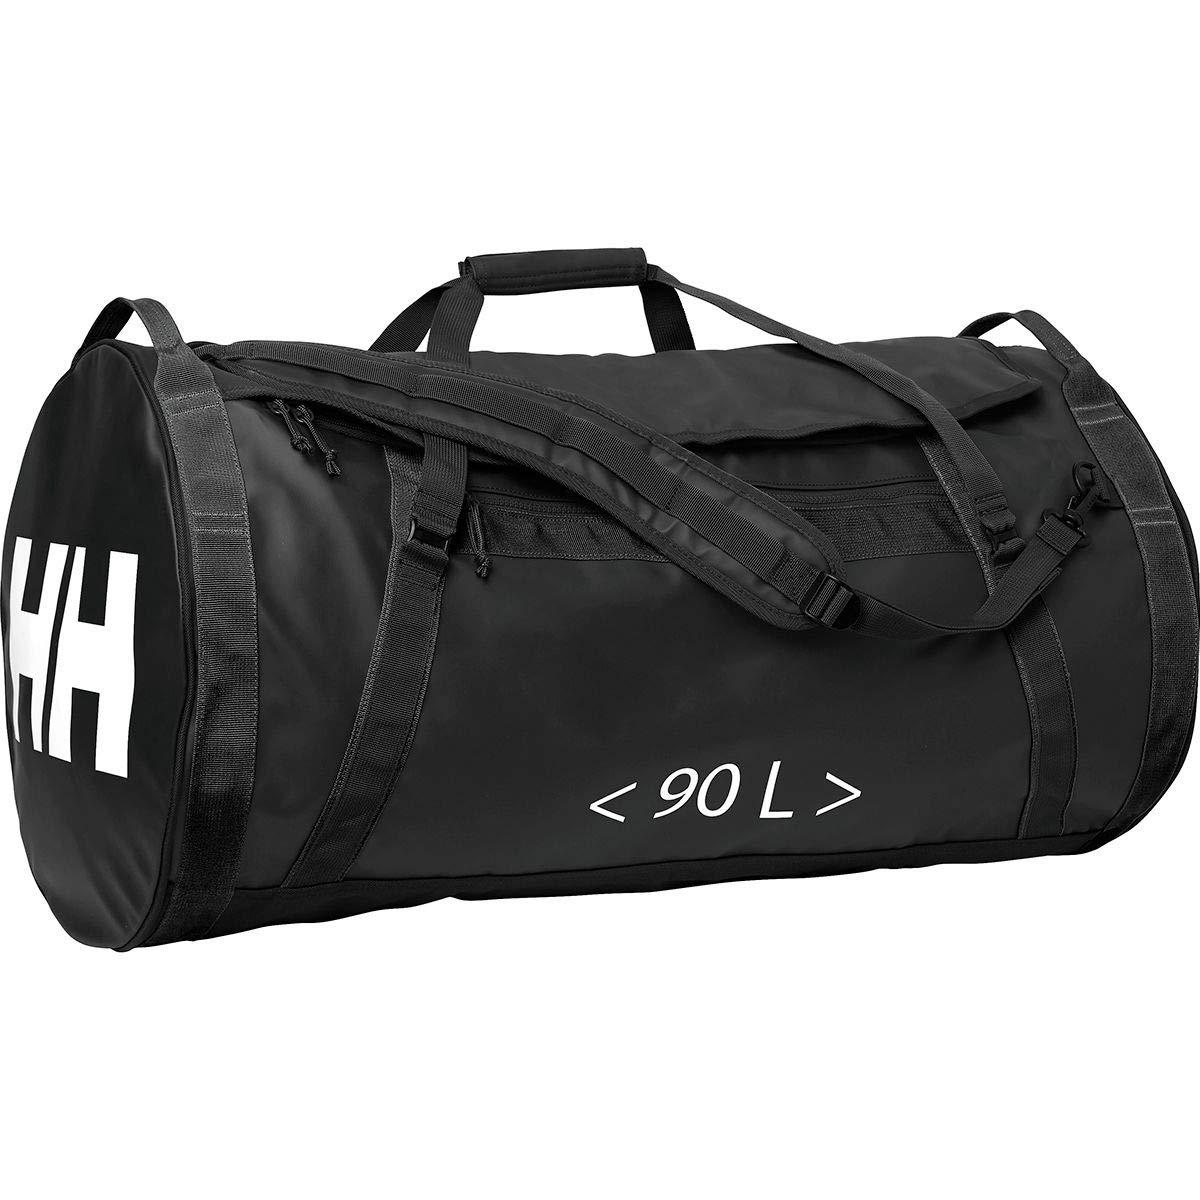 [ヘリーハンセン] メンズ ボストンバッグ Duffel Bag 2 90L [並行輸入品] No-Size  B07QPN7KDQ